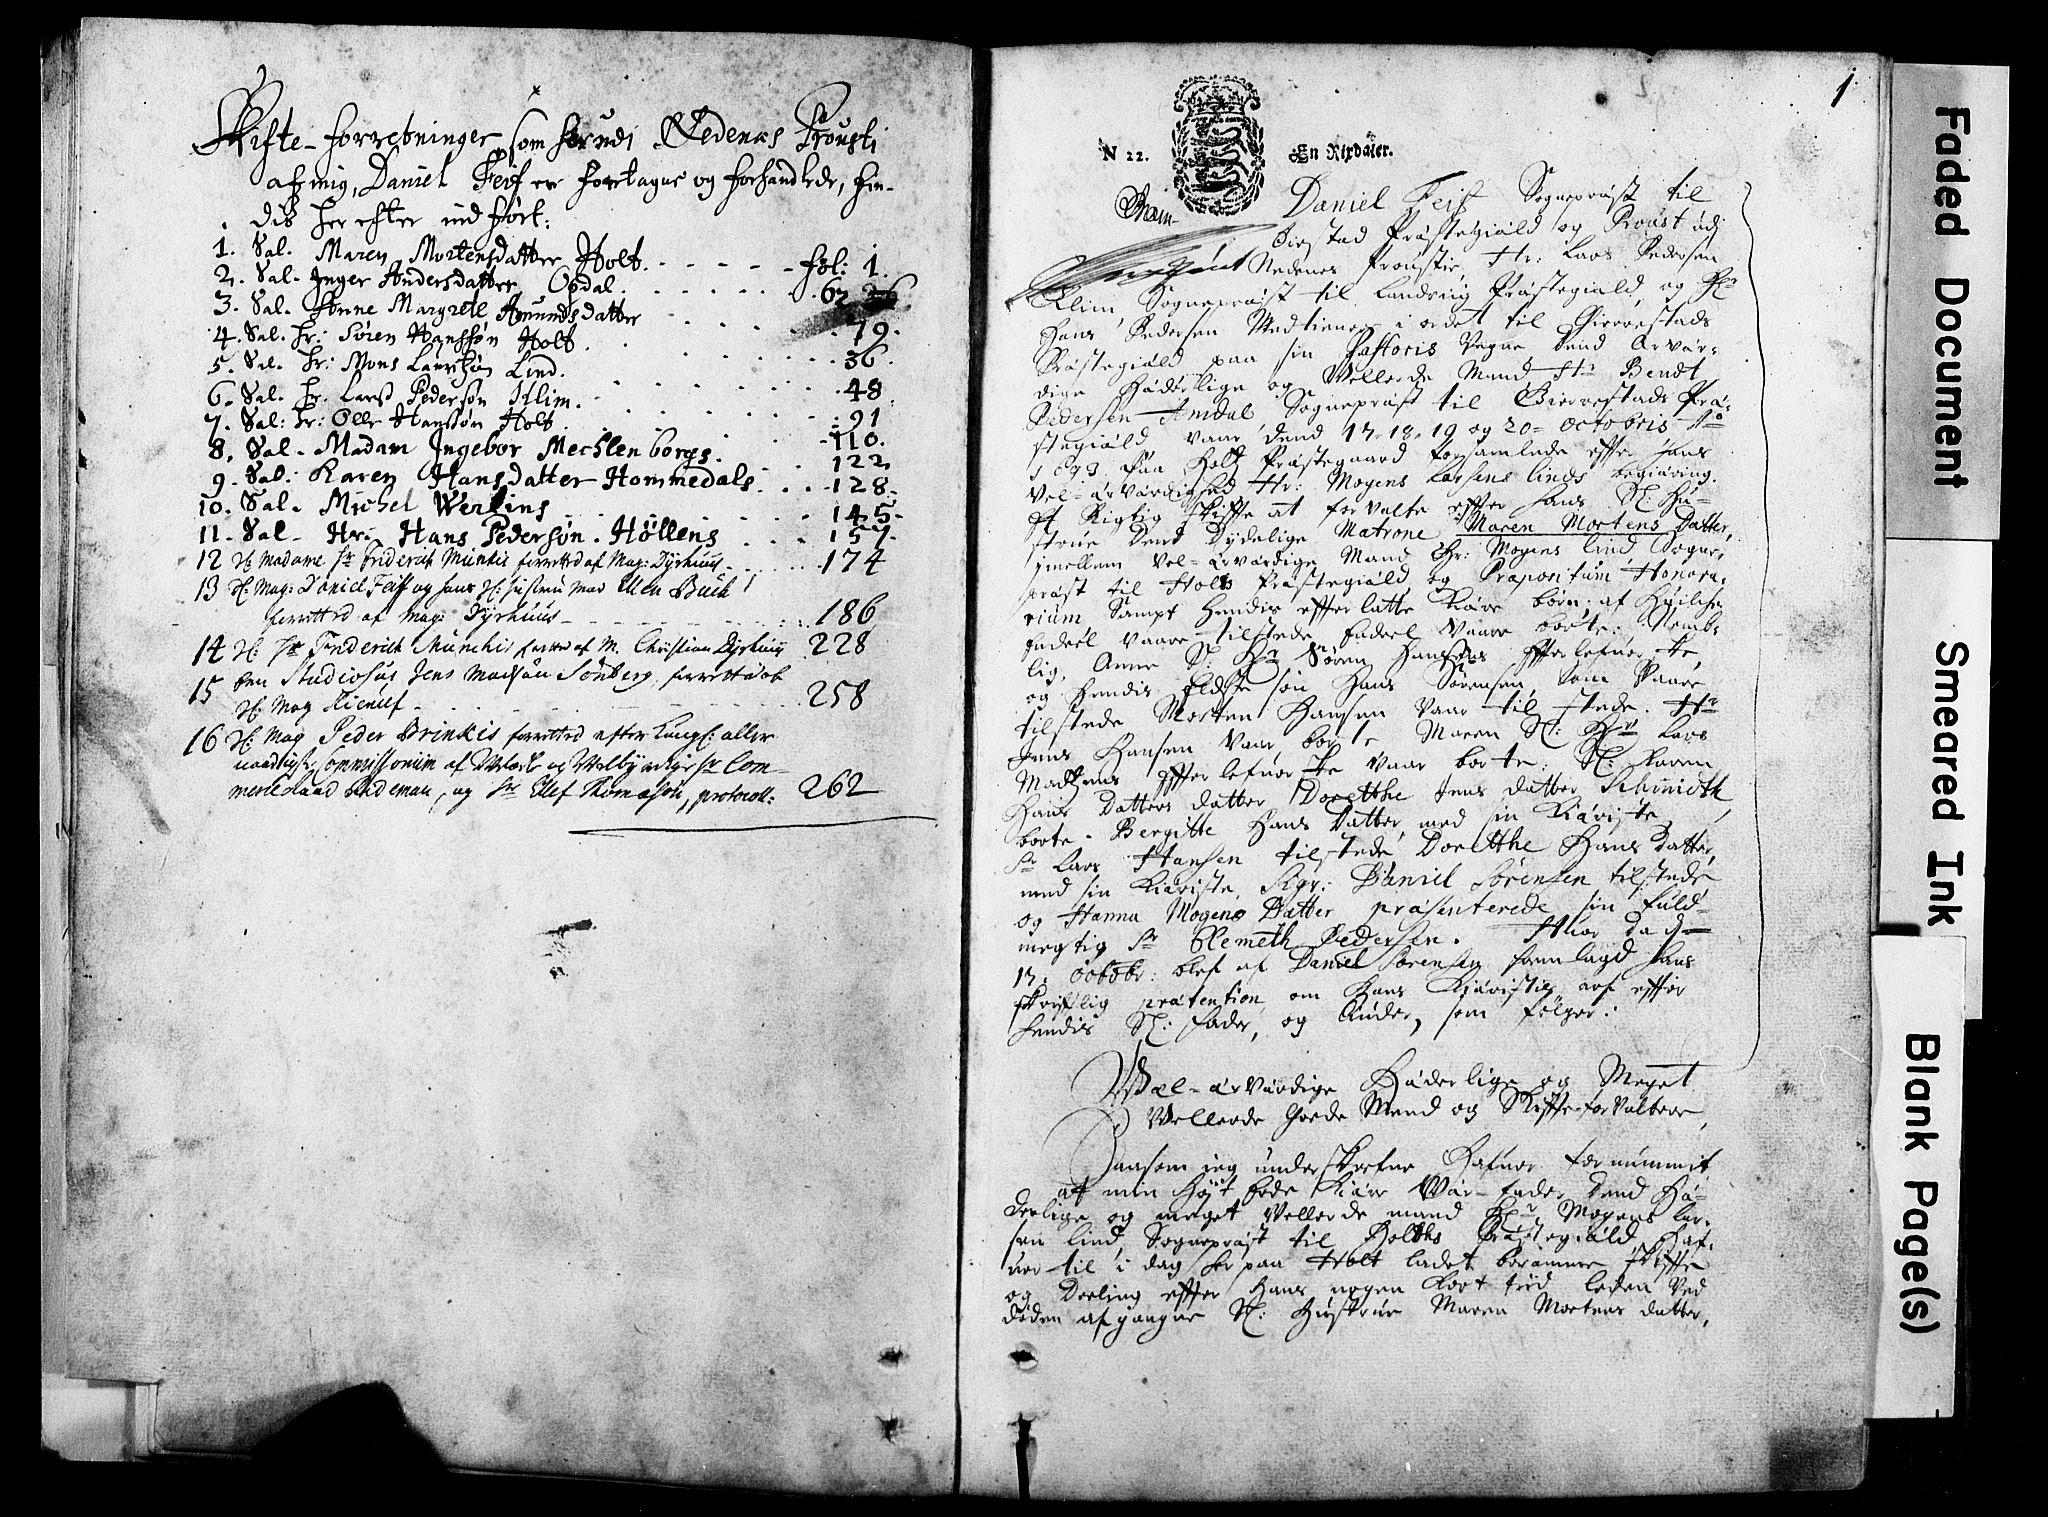 SAK, Nedenes prosti, K/Kb/L0001: A-IV-1 - Skifteprotokoll, 1693-1740, s. 0b-1a